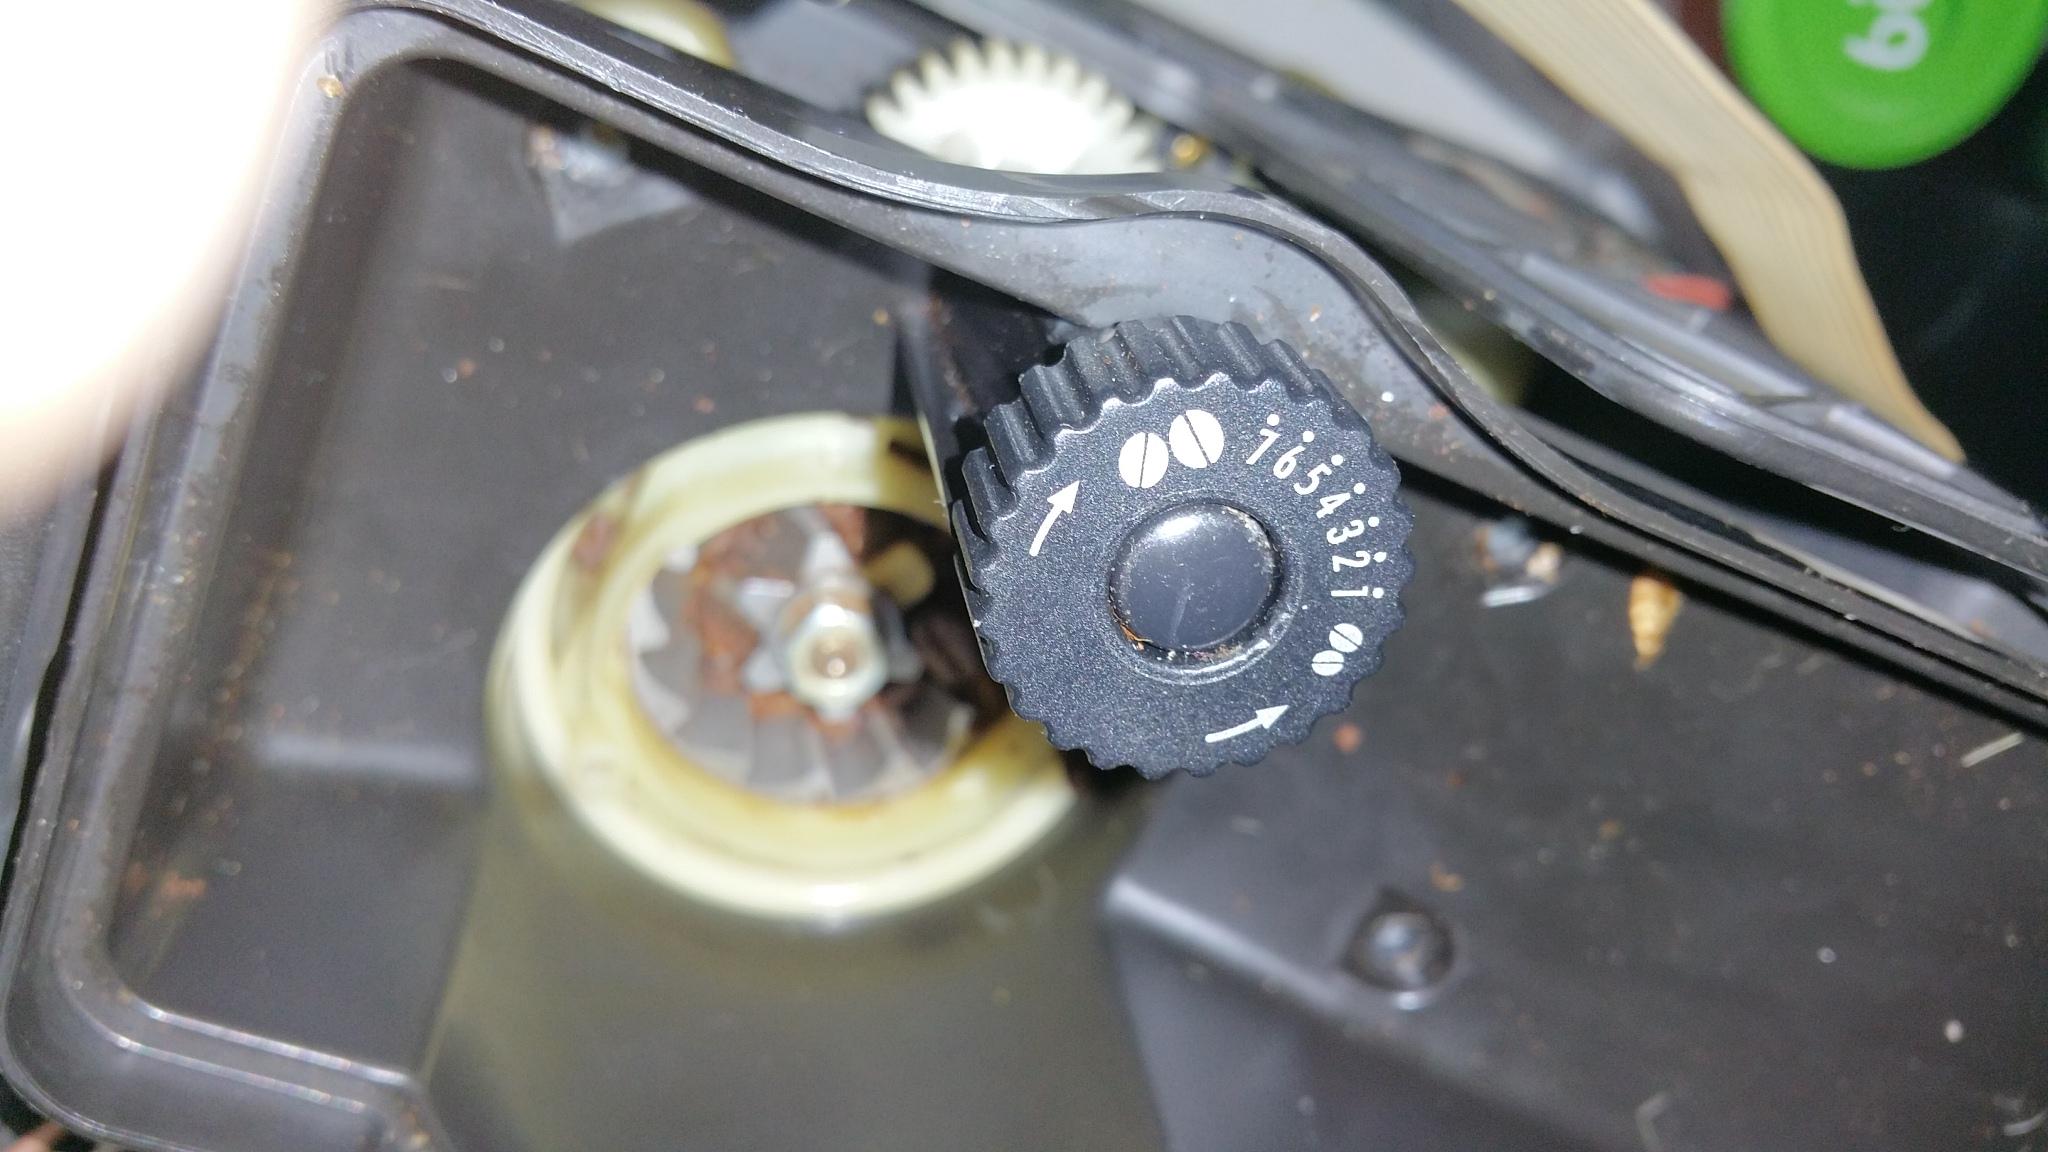 Delonghi Kaffeemaschine Mahlwerk Einstellen : Delonghi kaffeevollautomat mahlwerk reinigen: delonghi brüheinheit